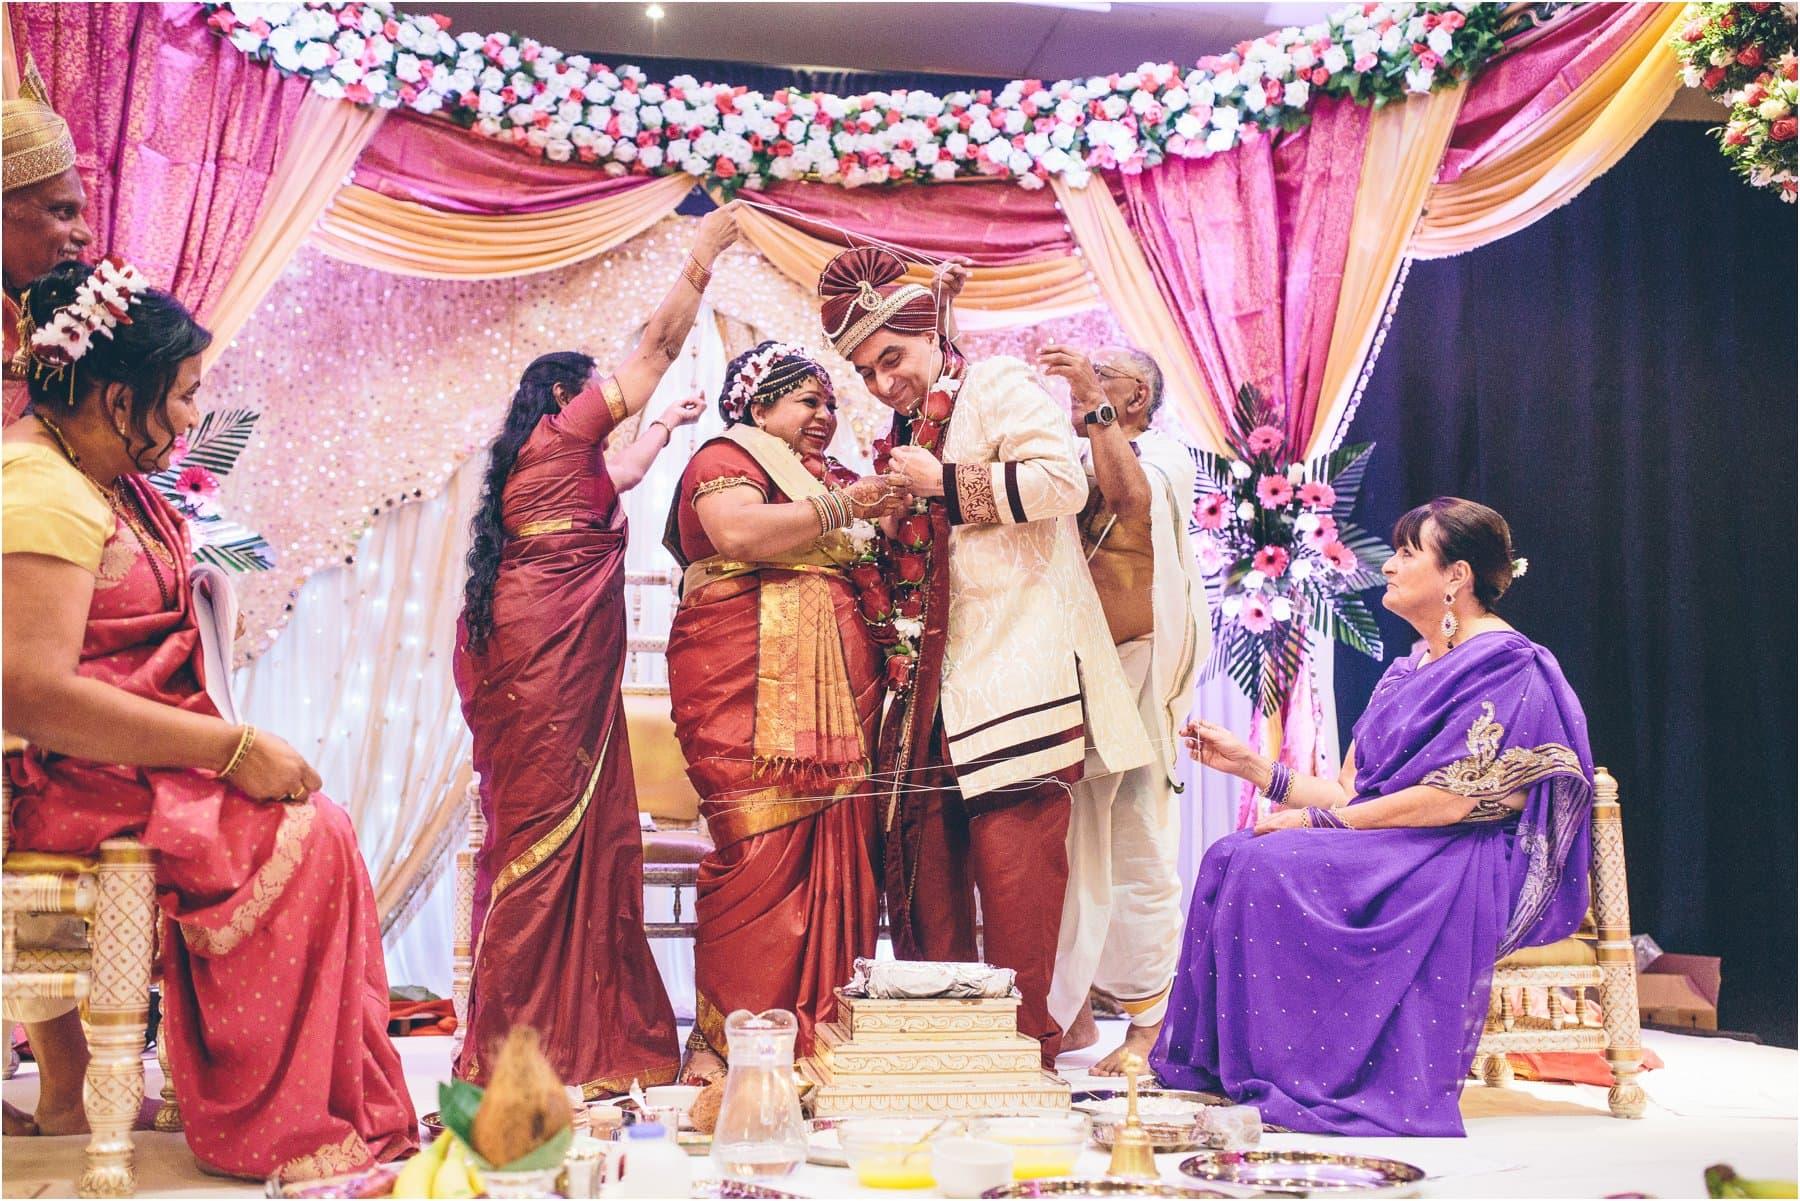 Lancashire_Indian_Wedding_Photography_0100